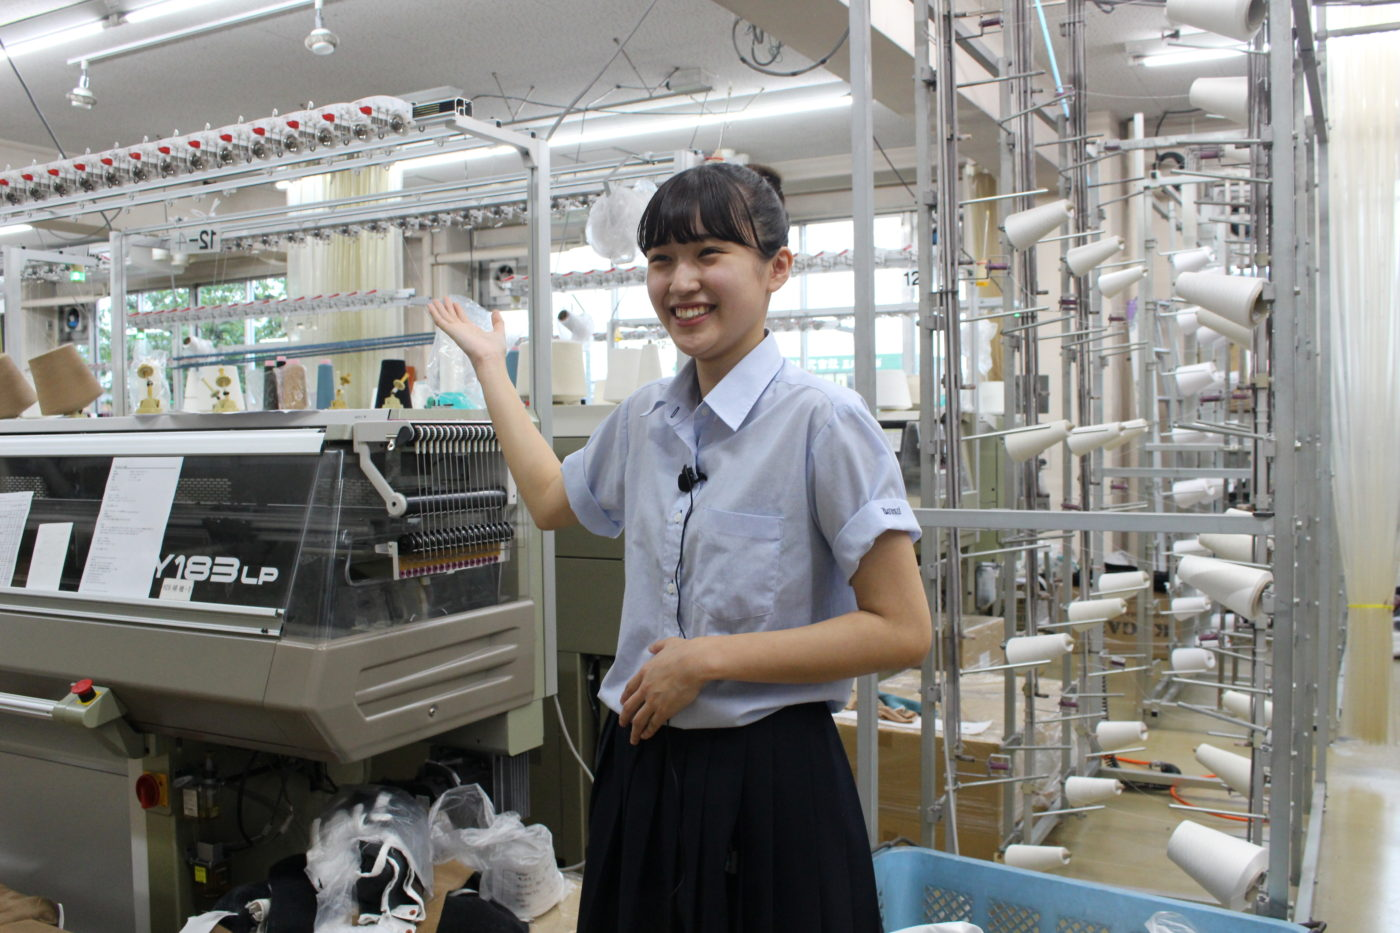 IMG_1396五泉高校生とニット工場で撮影3